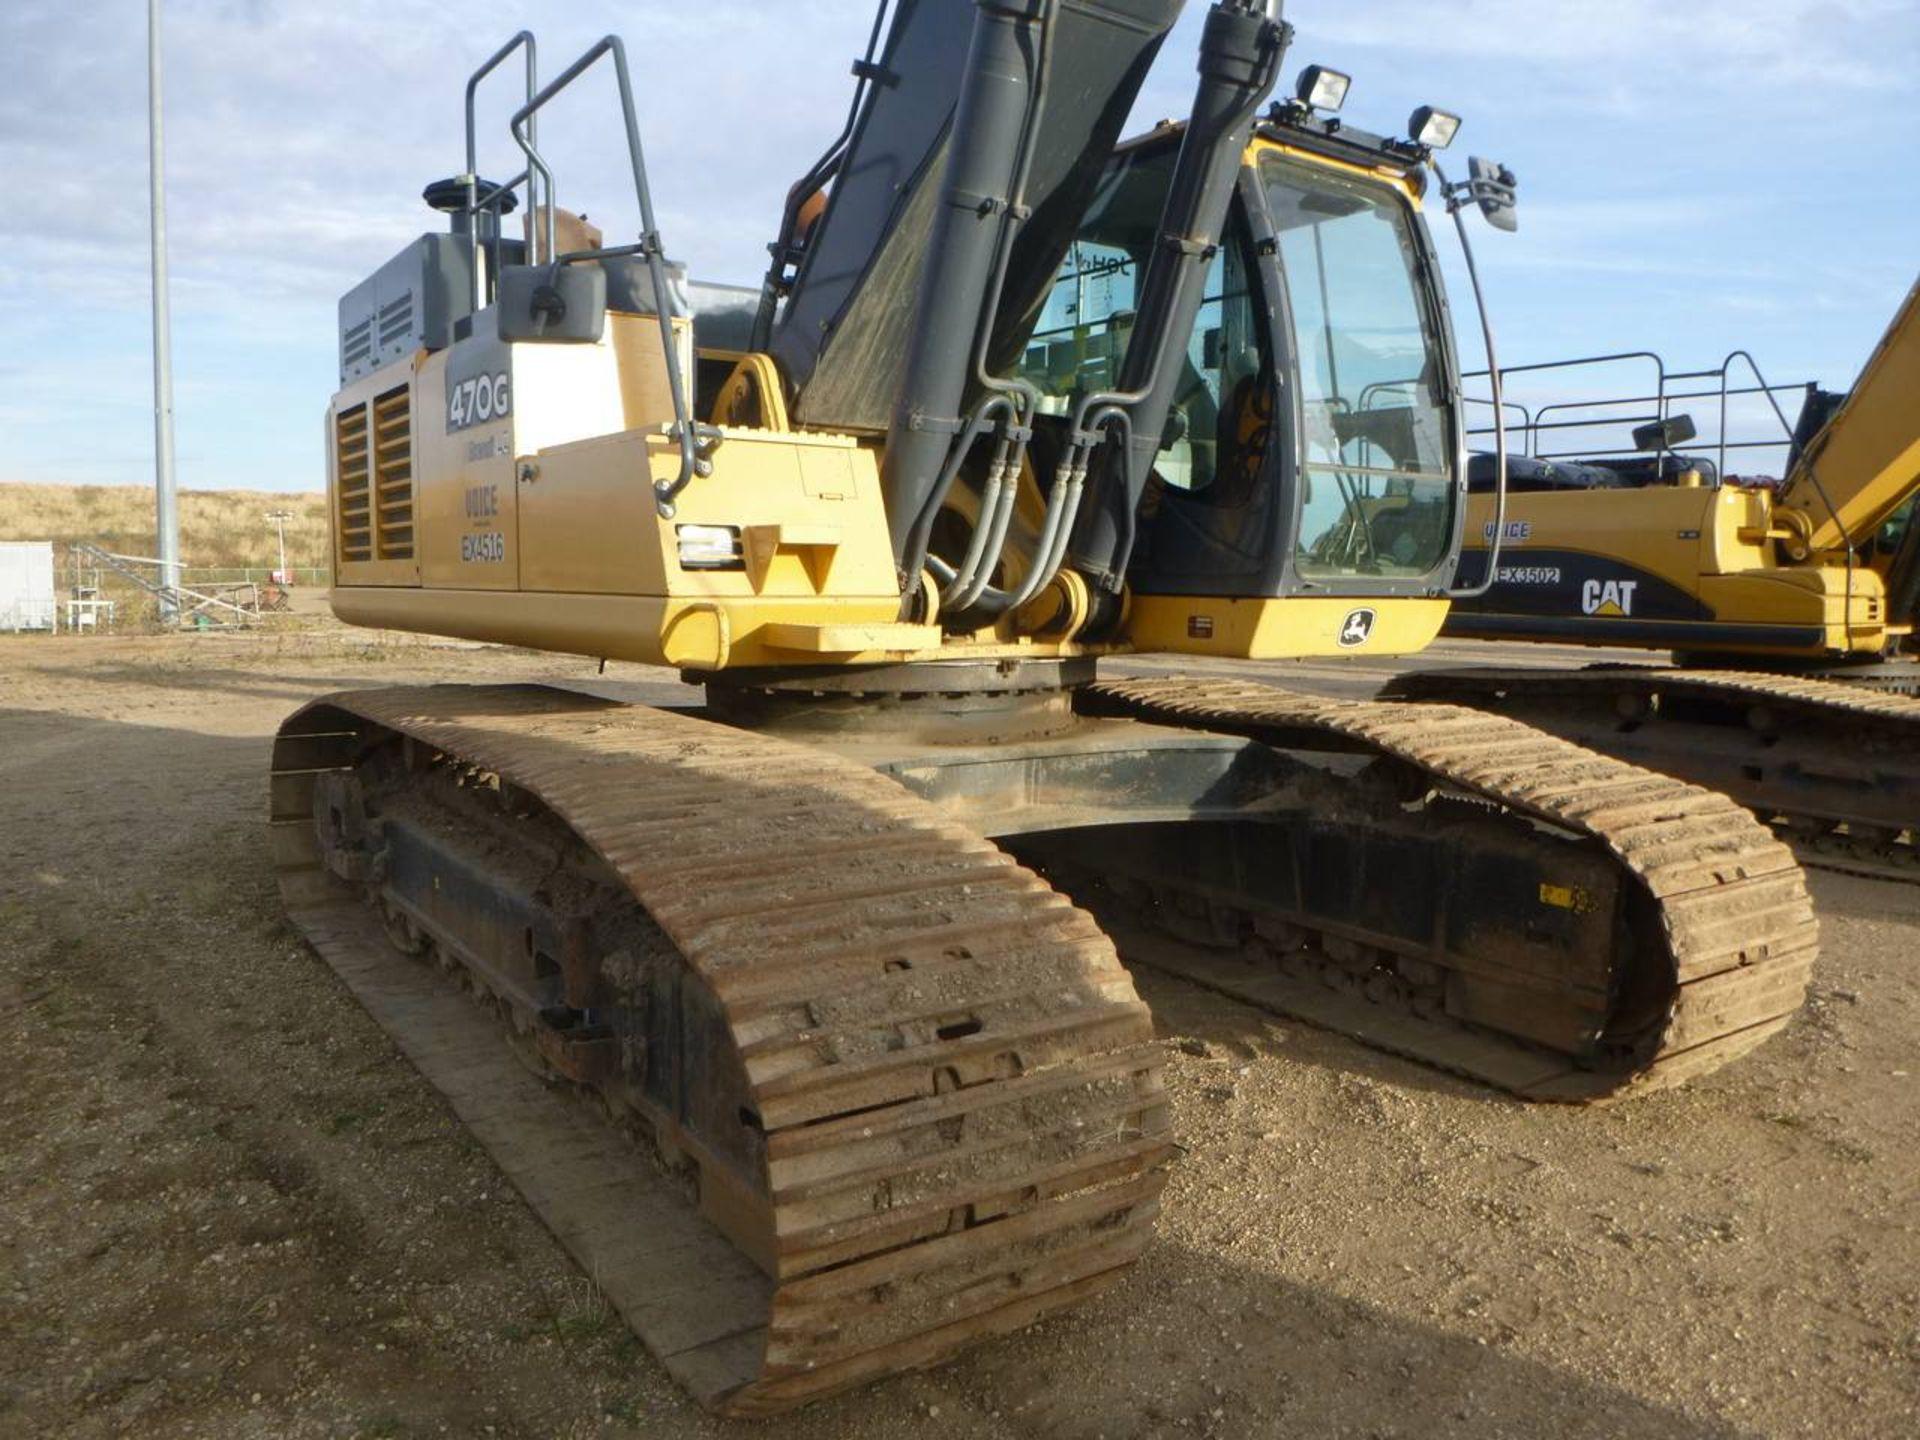 2014 John Deere 470G LC Excavator - Image 3 of 12